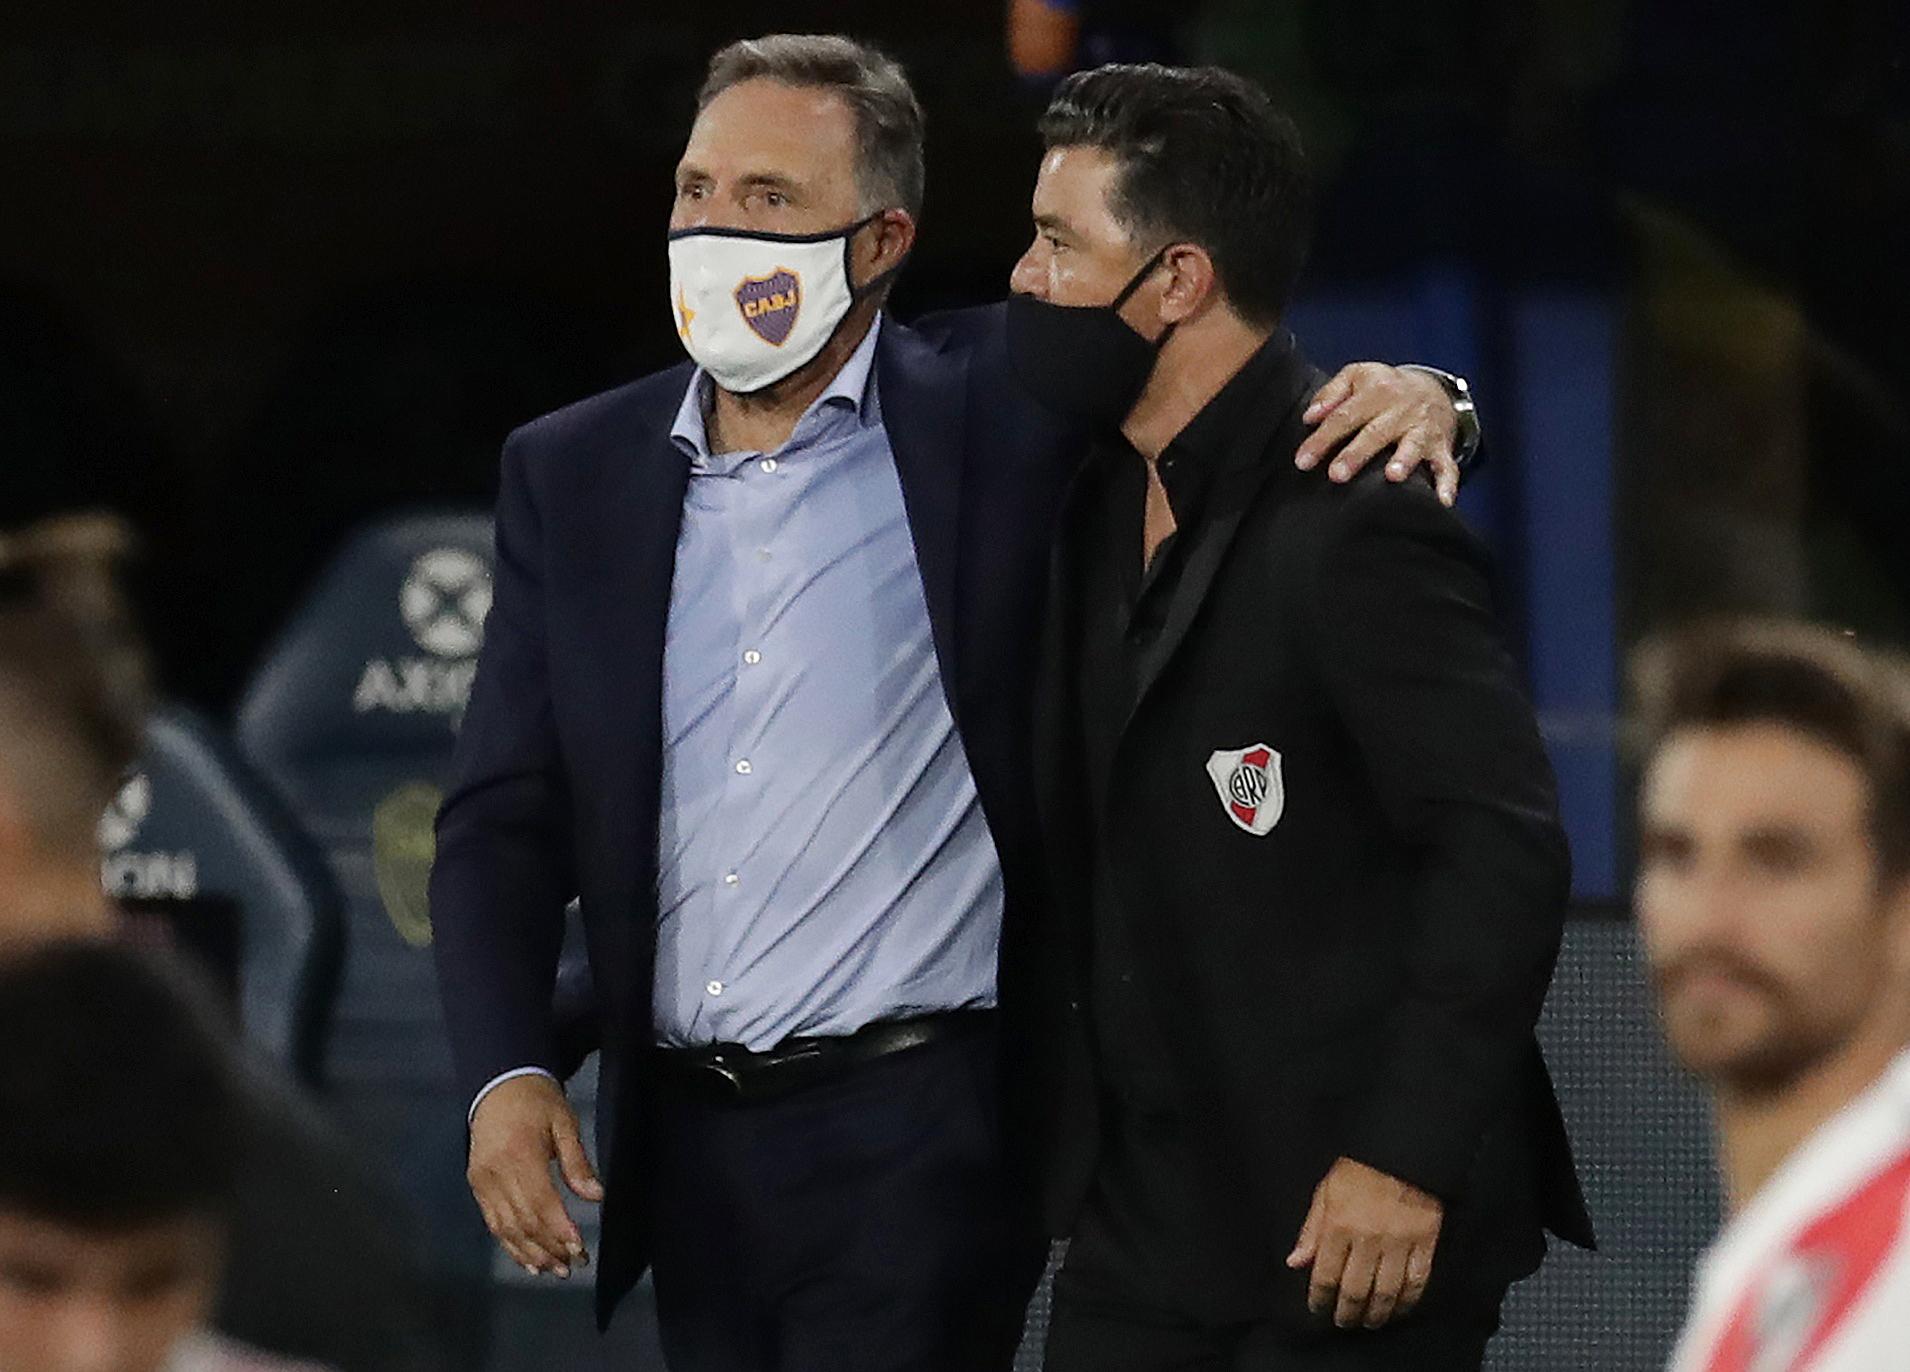 El abrazo final de Russo y Gallardo. Noble actitud de los entrenadores (REUTERS/Alejandro Pagni)